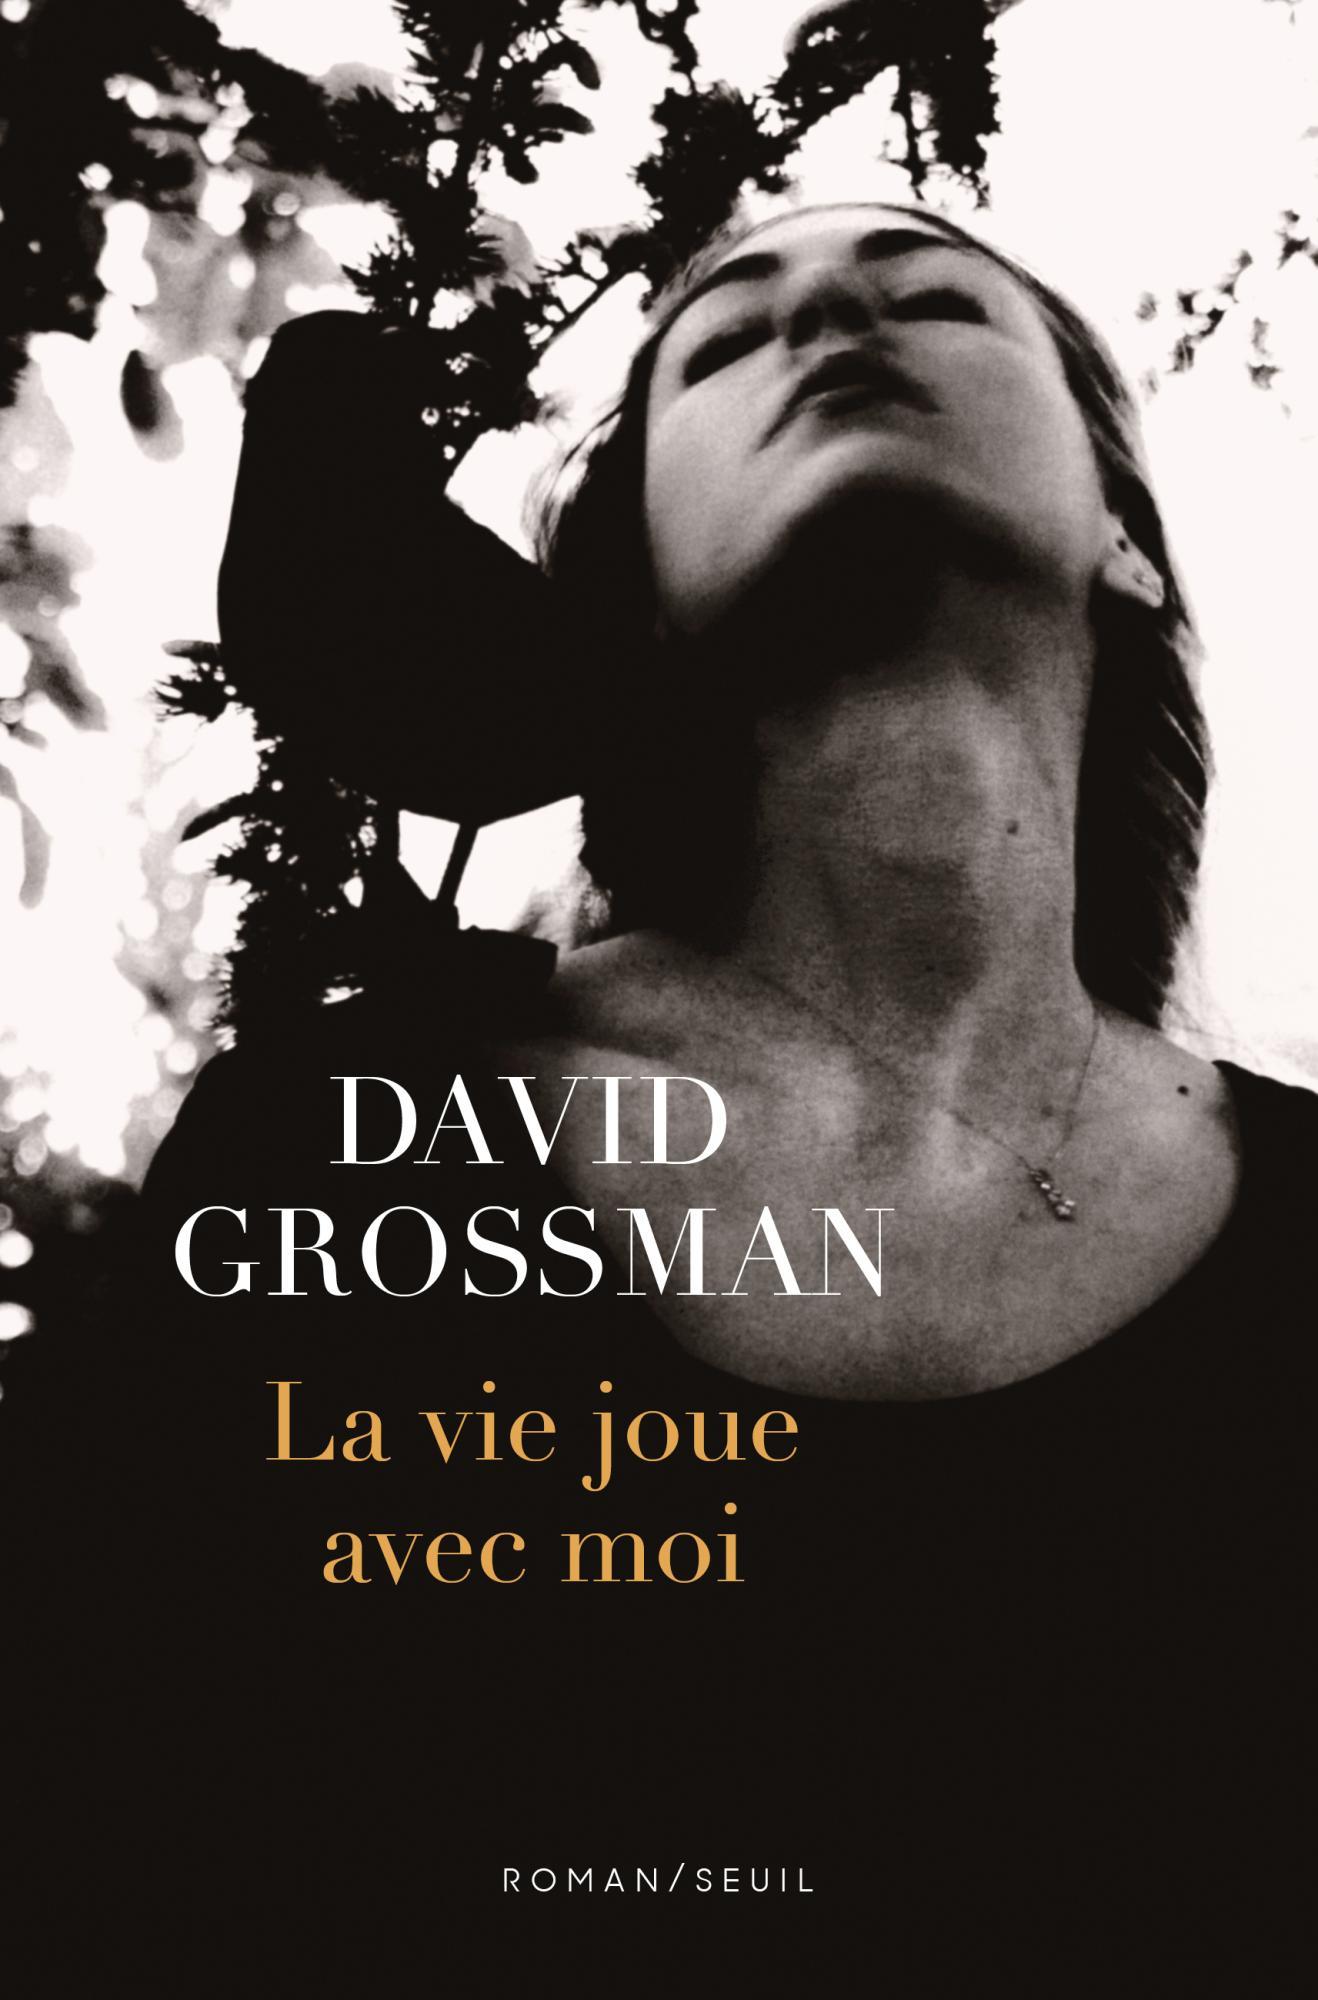 La vie joue avec moi de David Grossman (Seuil)